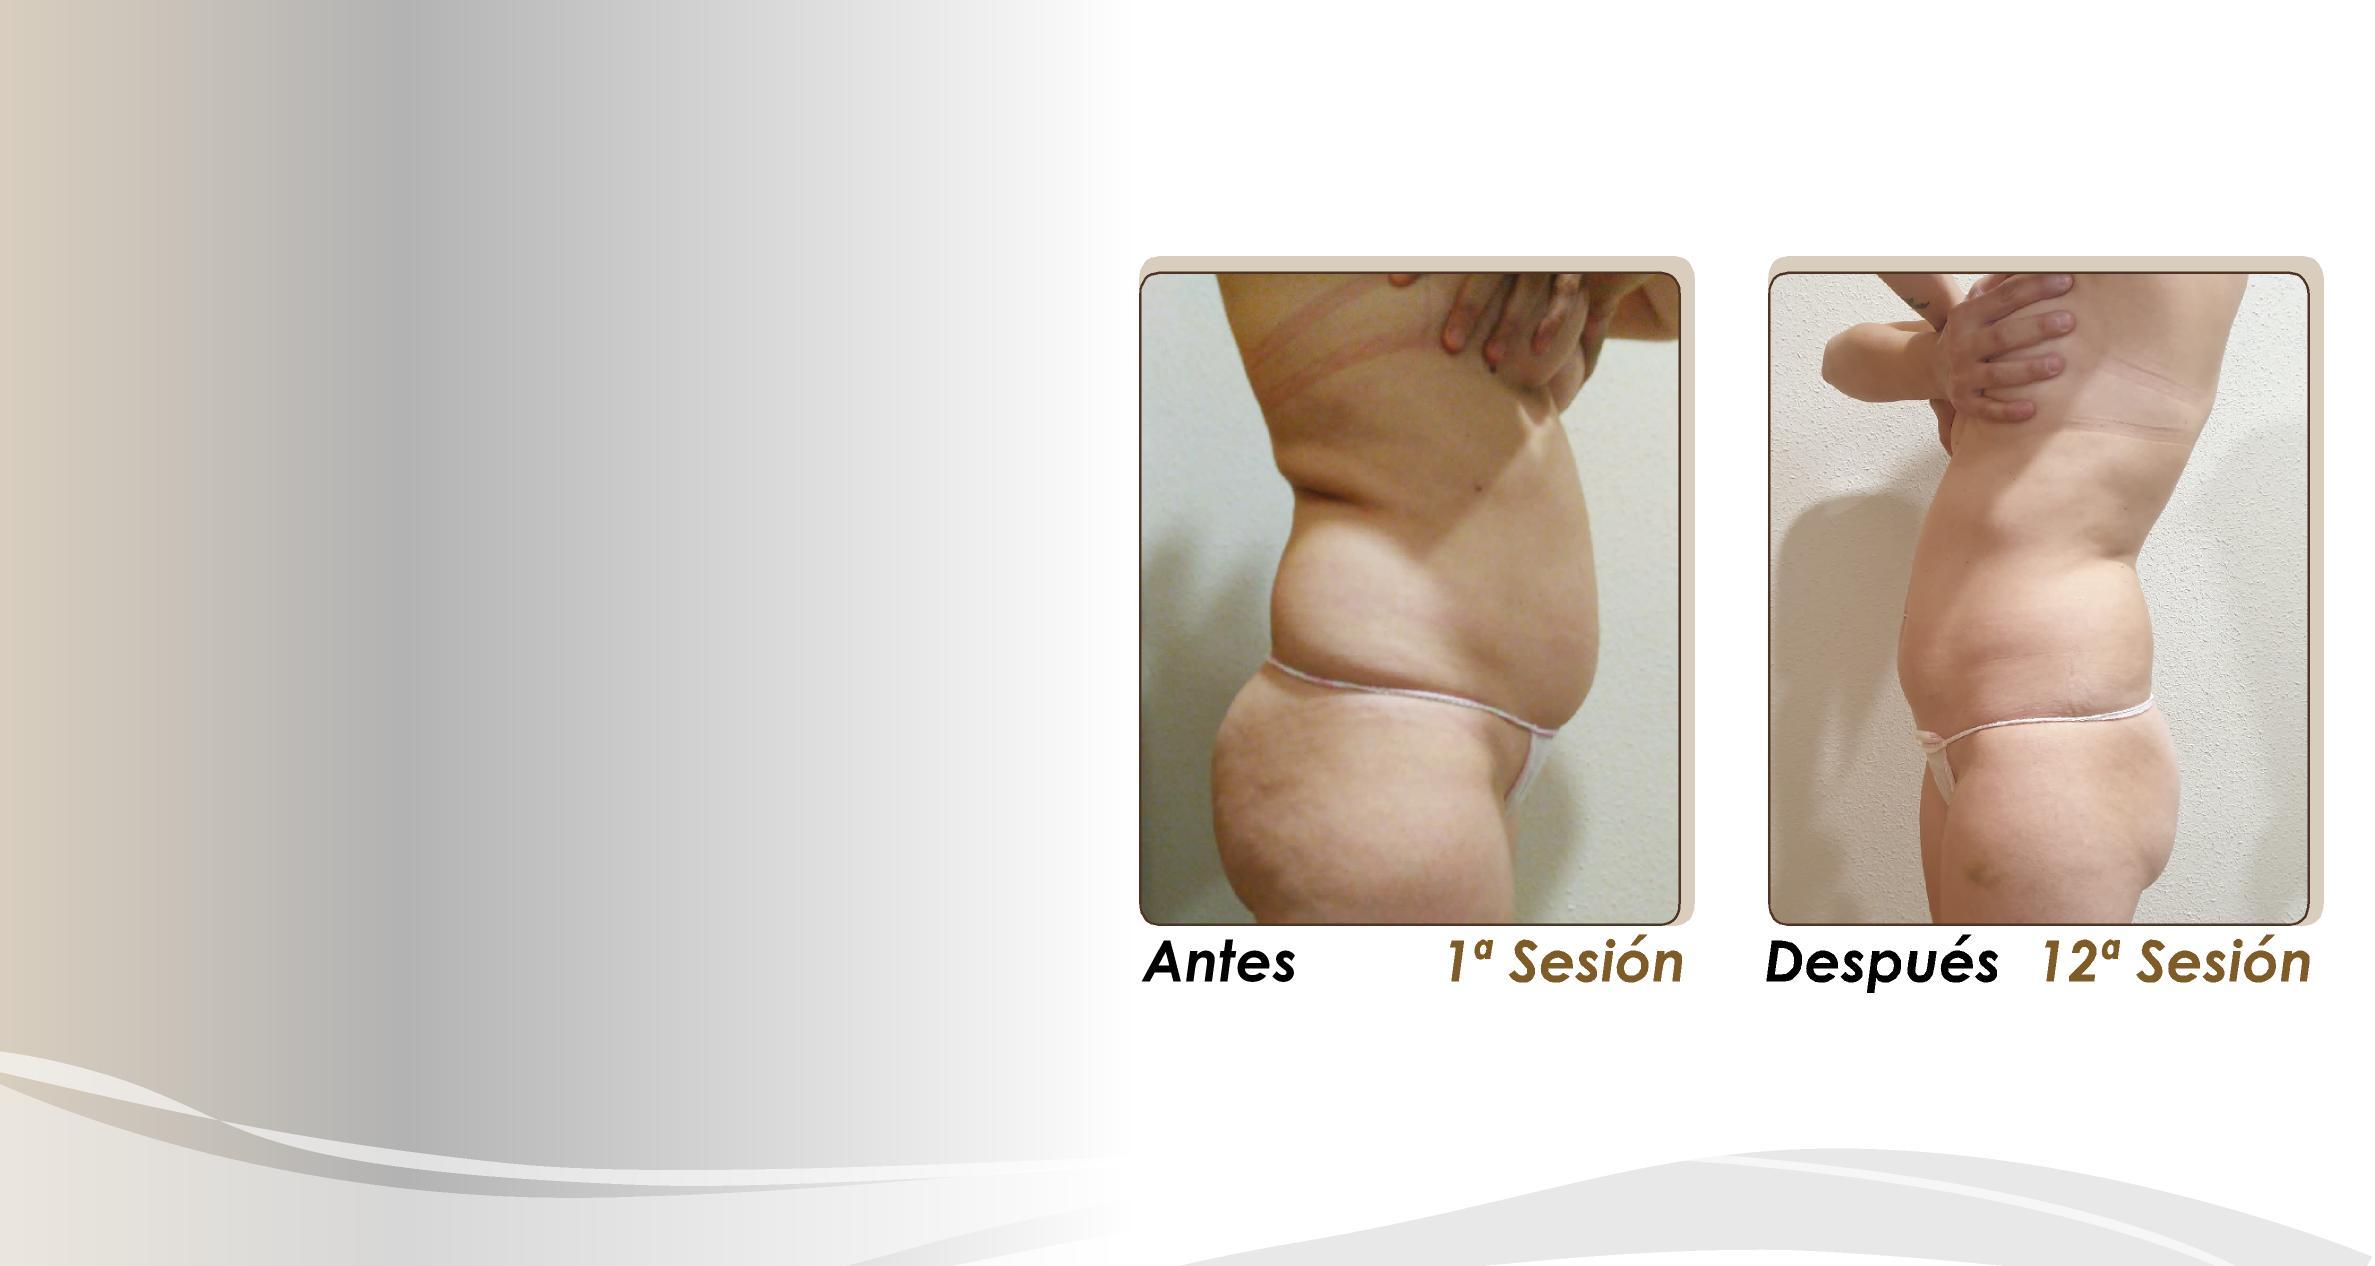 Meso-Vac tratamiento corporal antes y después